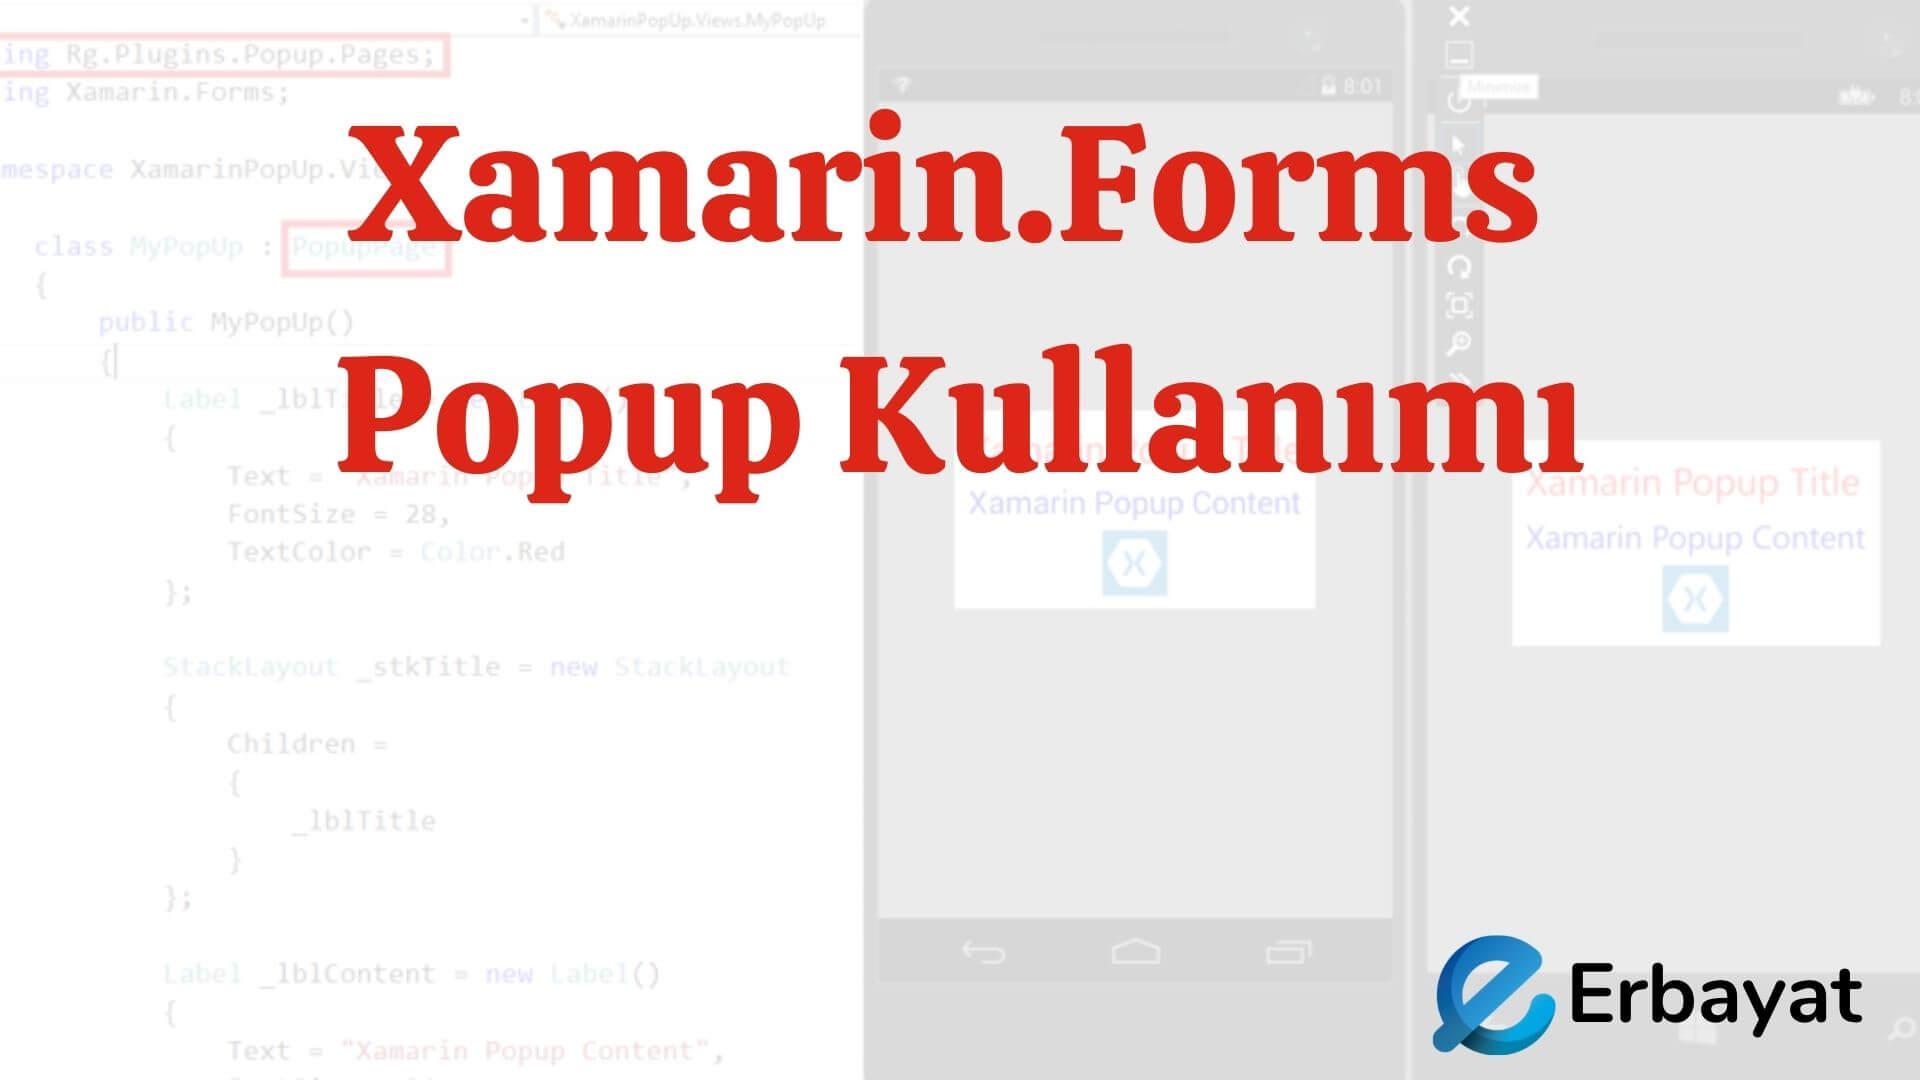 Xamarin.Forms Popup Kullanımı